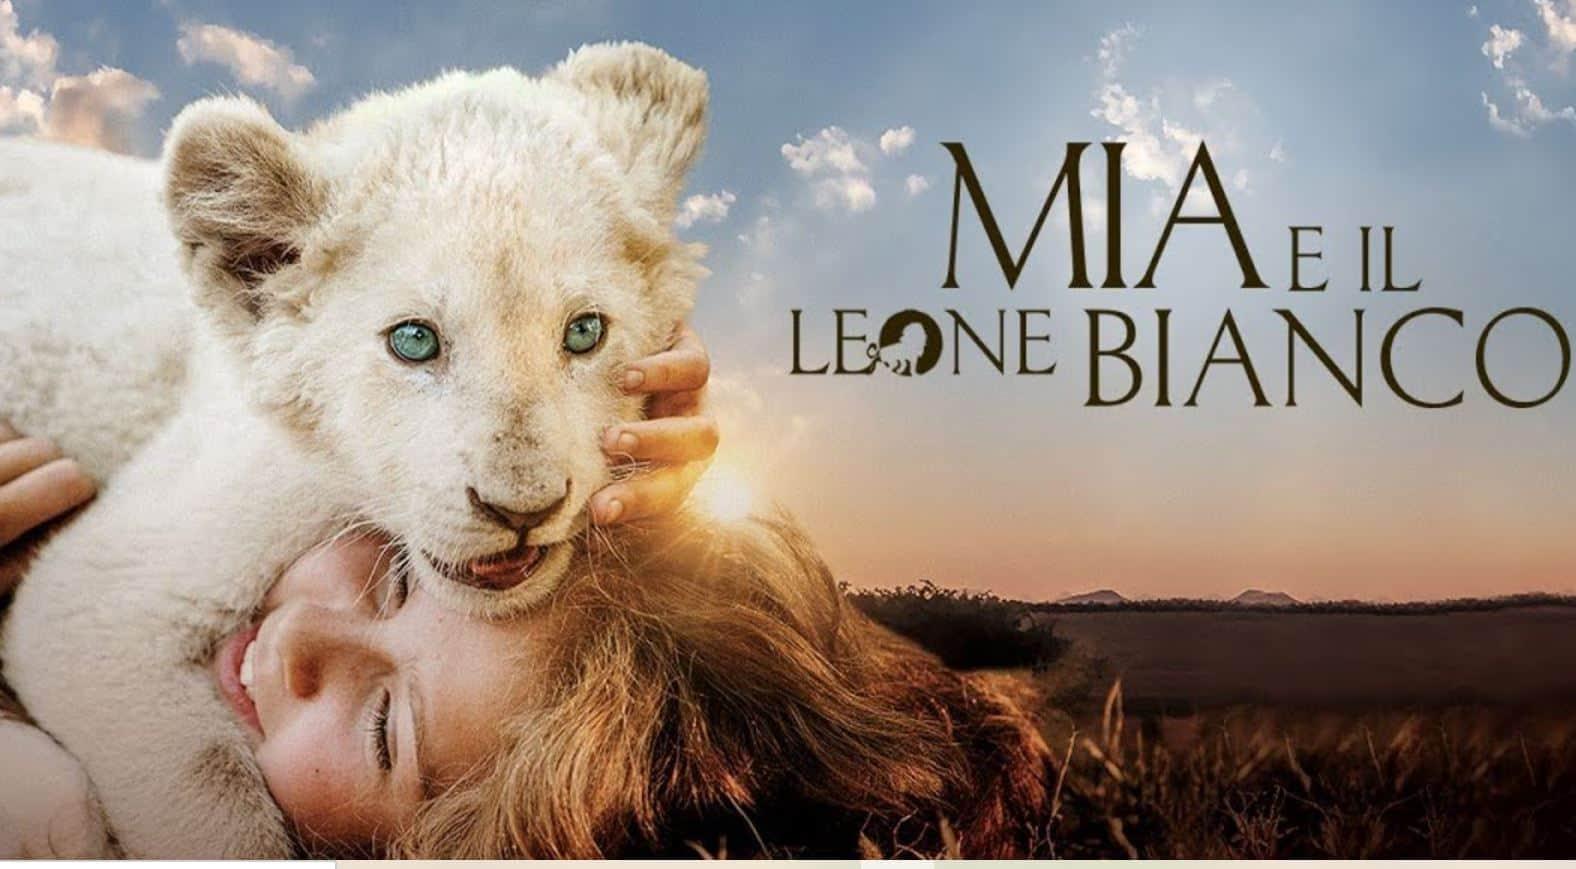 Perchè vedere il film Mia e il leone bianco: un insegnamento di vita per grandi e piccini